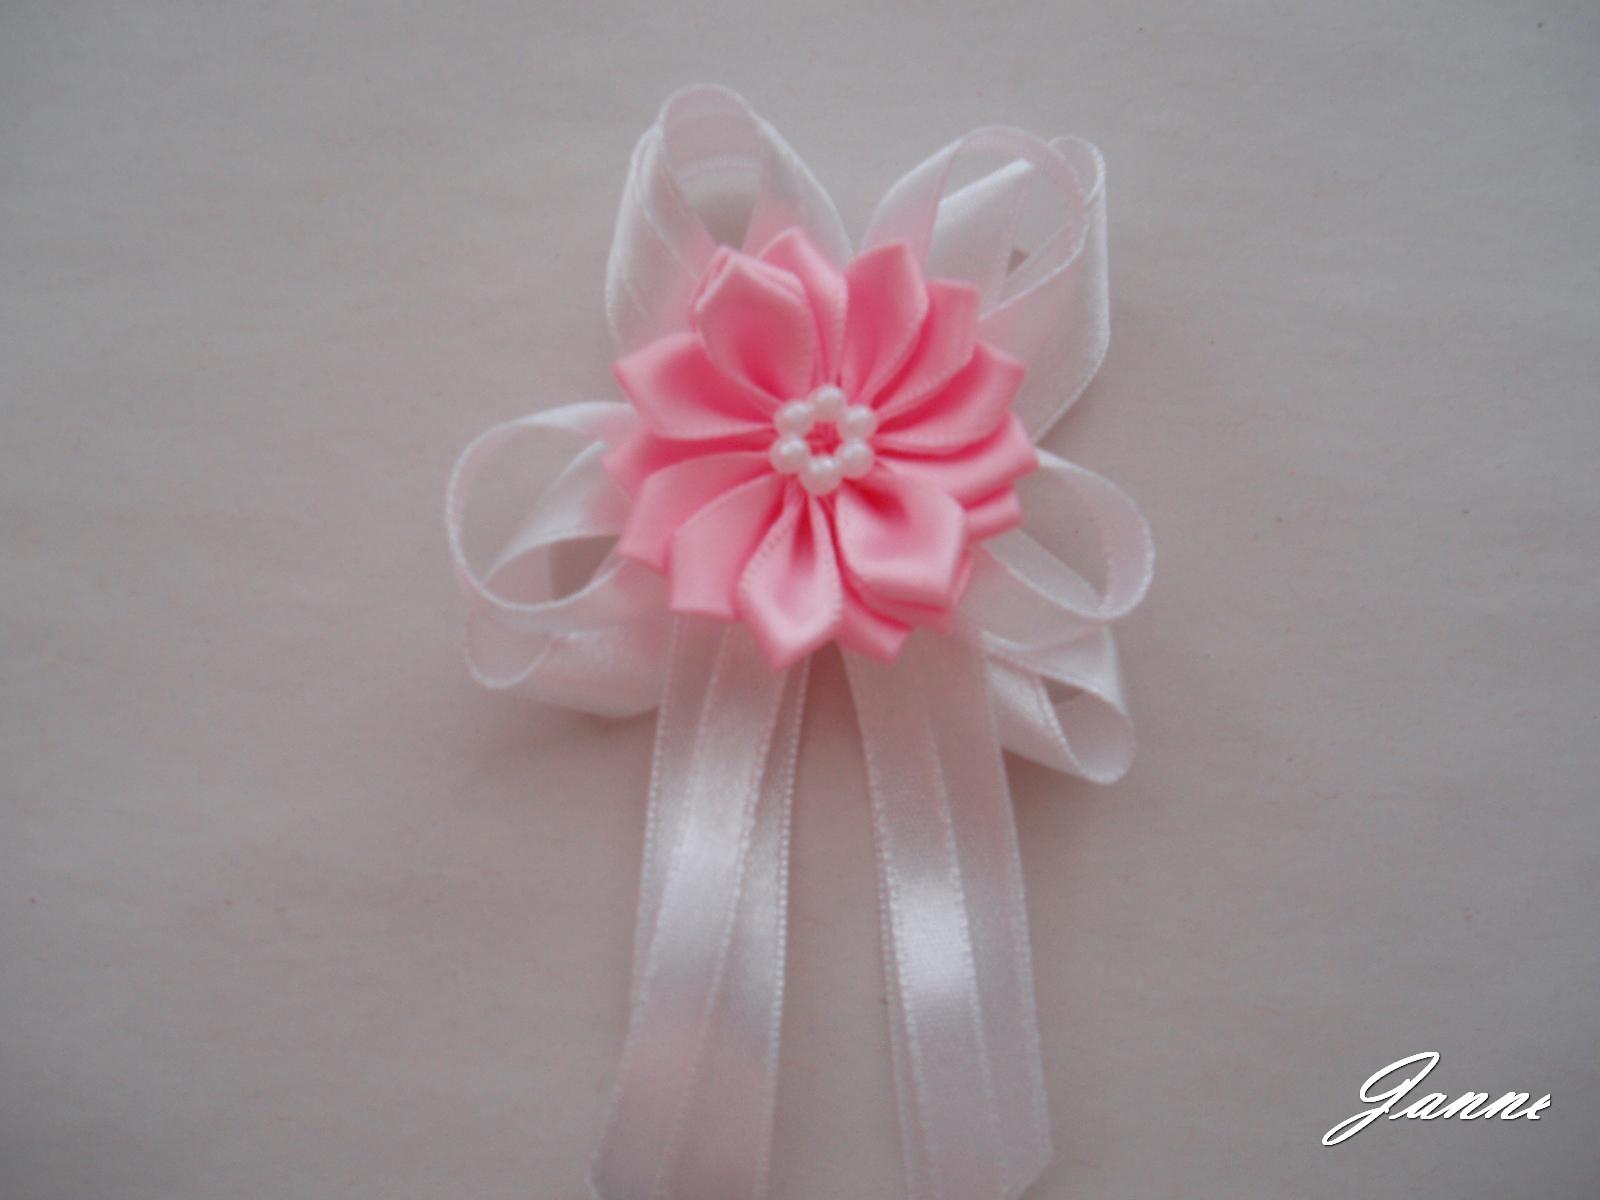 vývazek s růžovou kytičkou - Obrázek č. 1